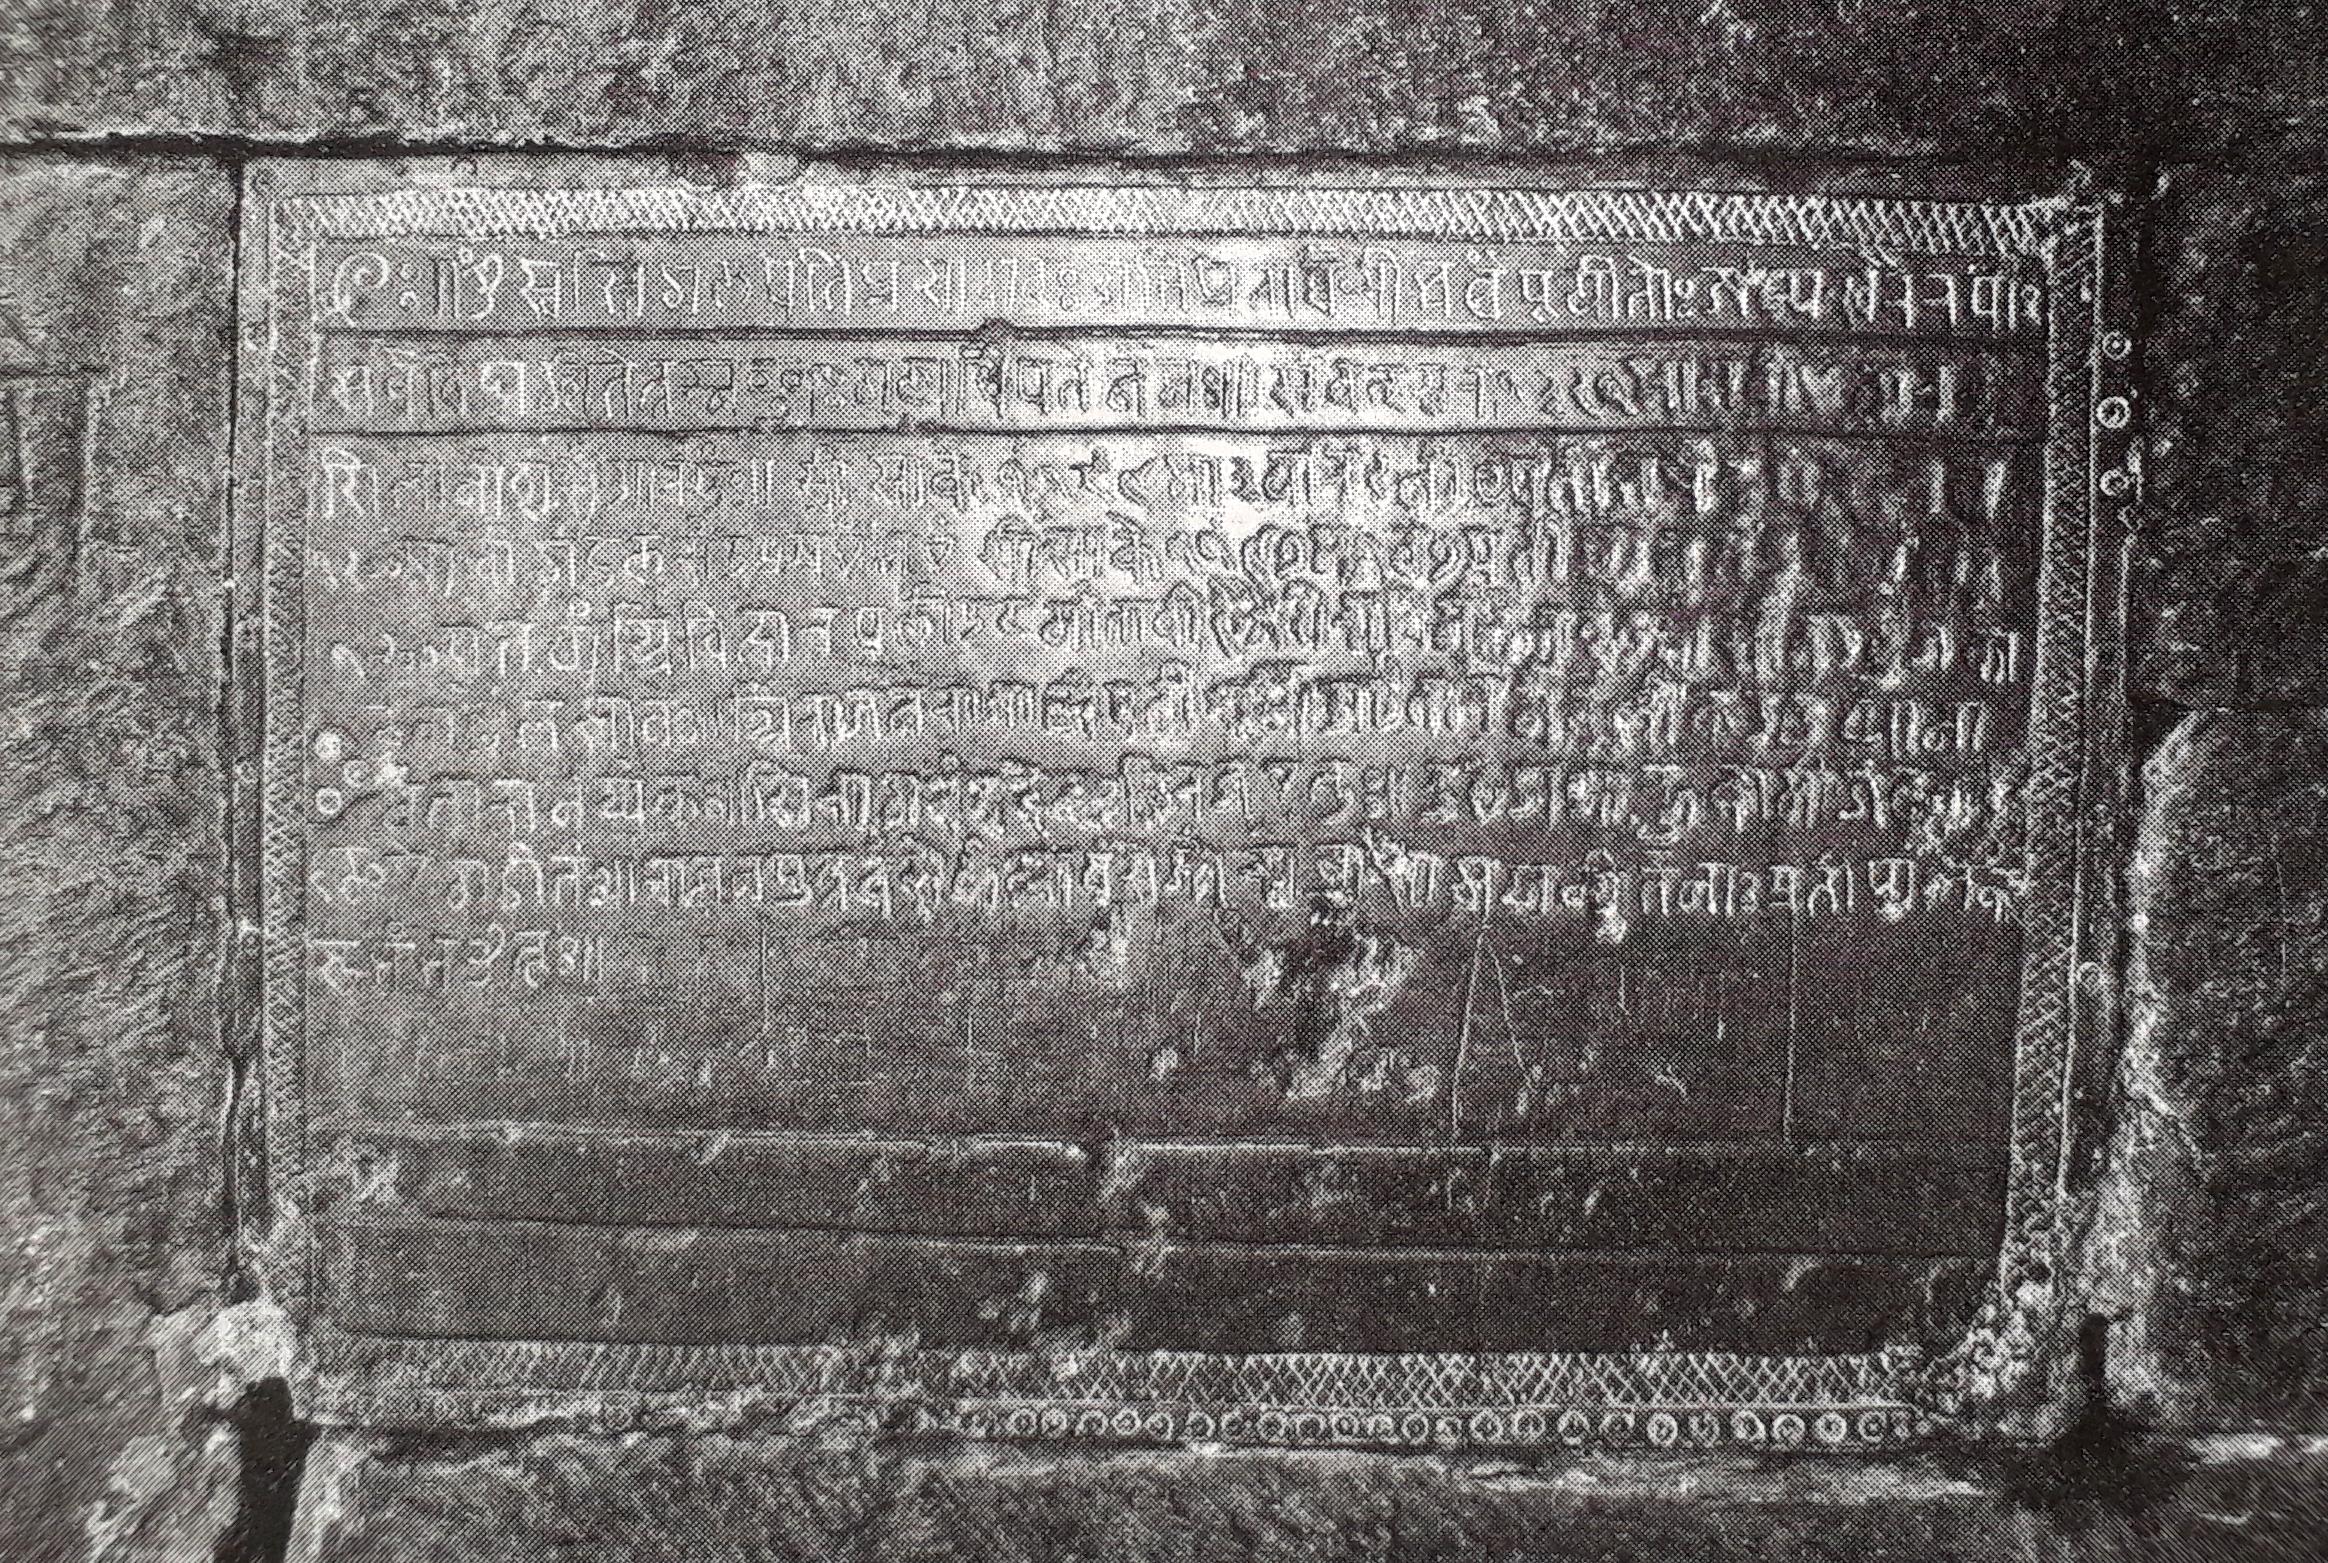 गंगोलीहाट के जांधवी नौले में उत्कीर्ण शिलालेख